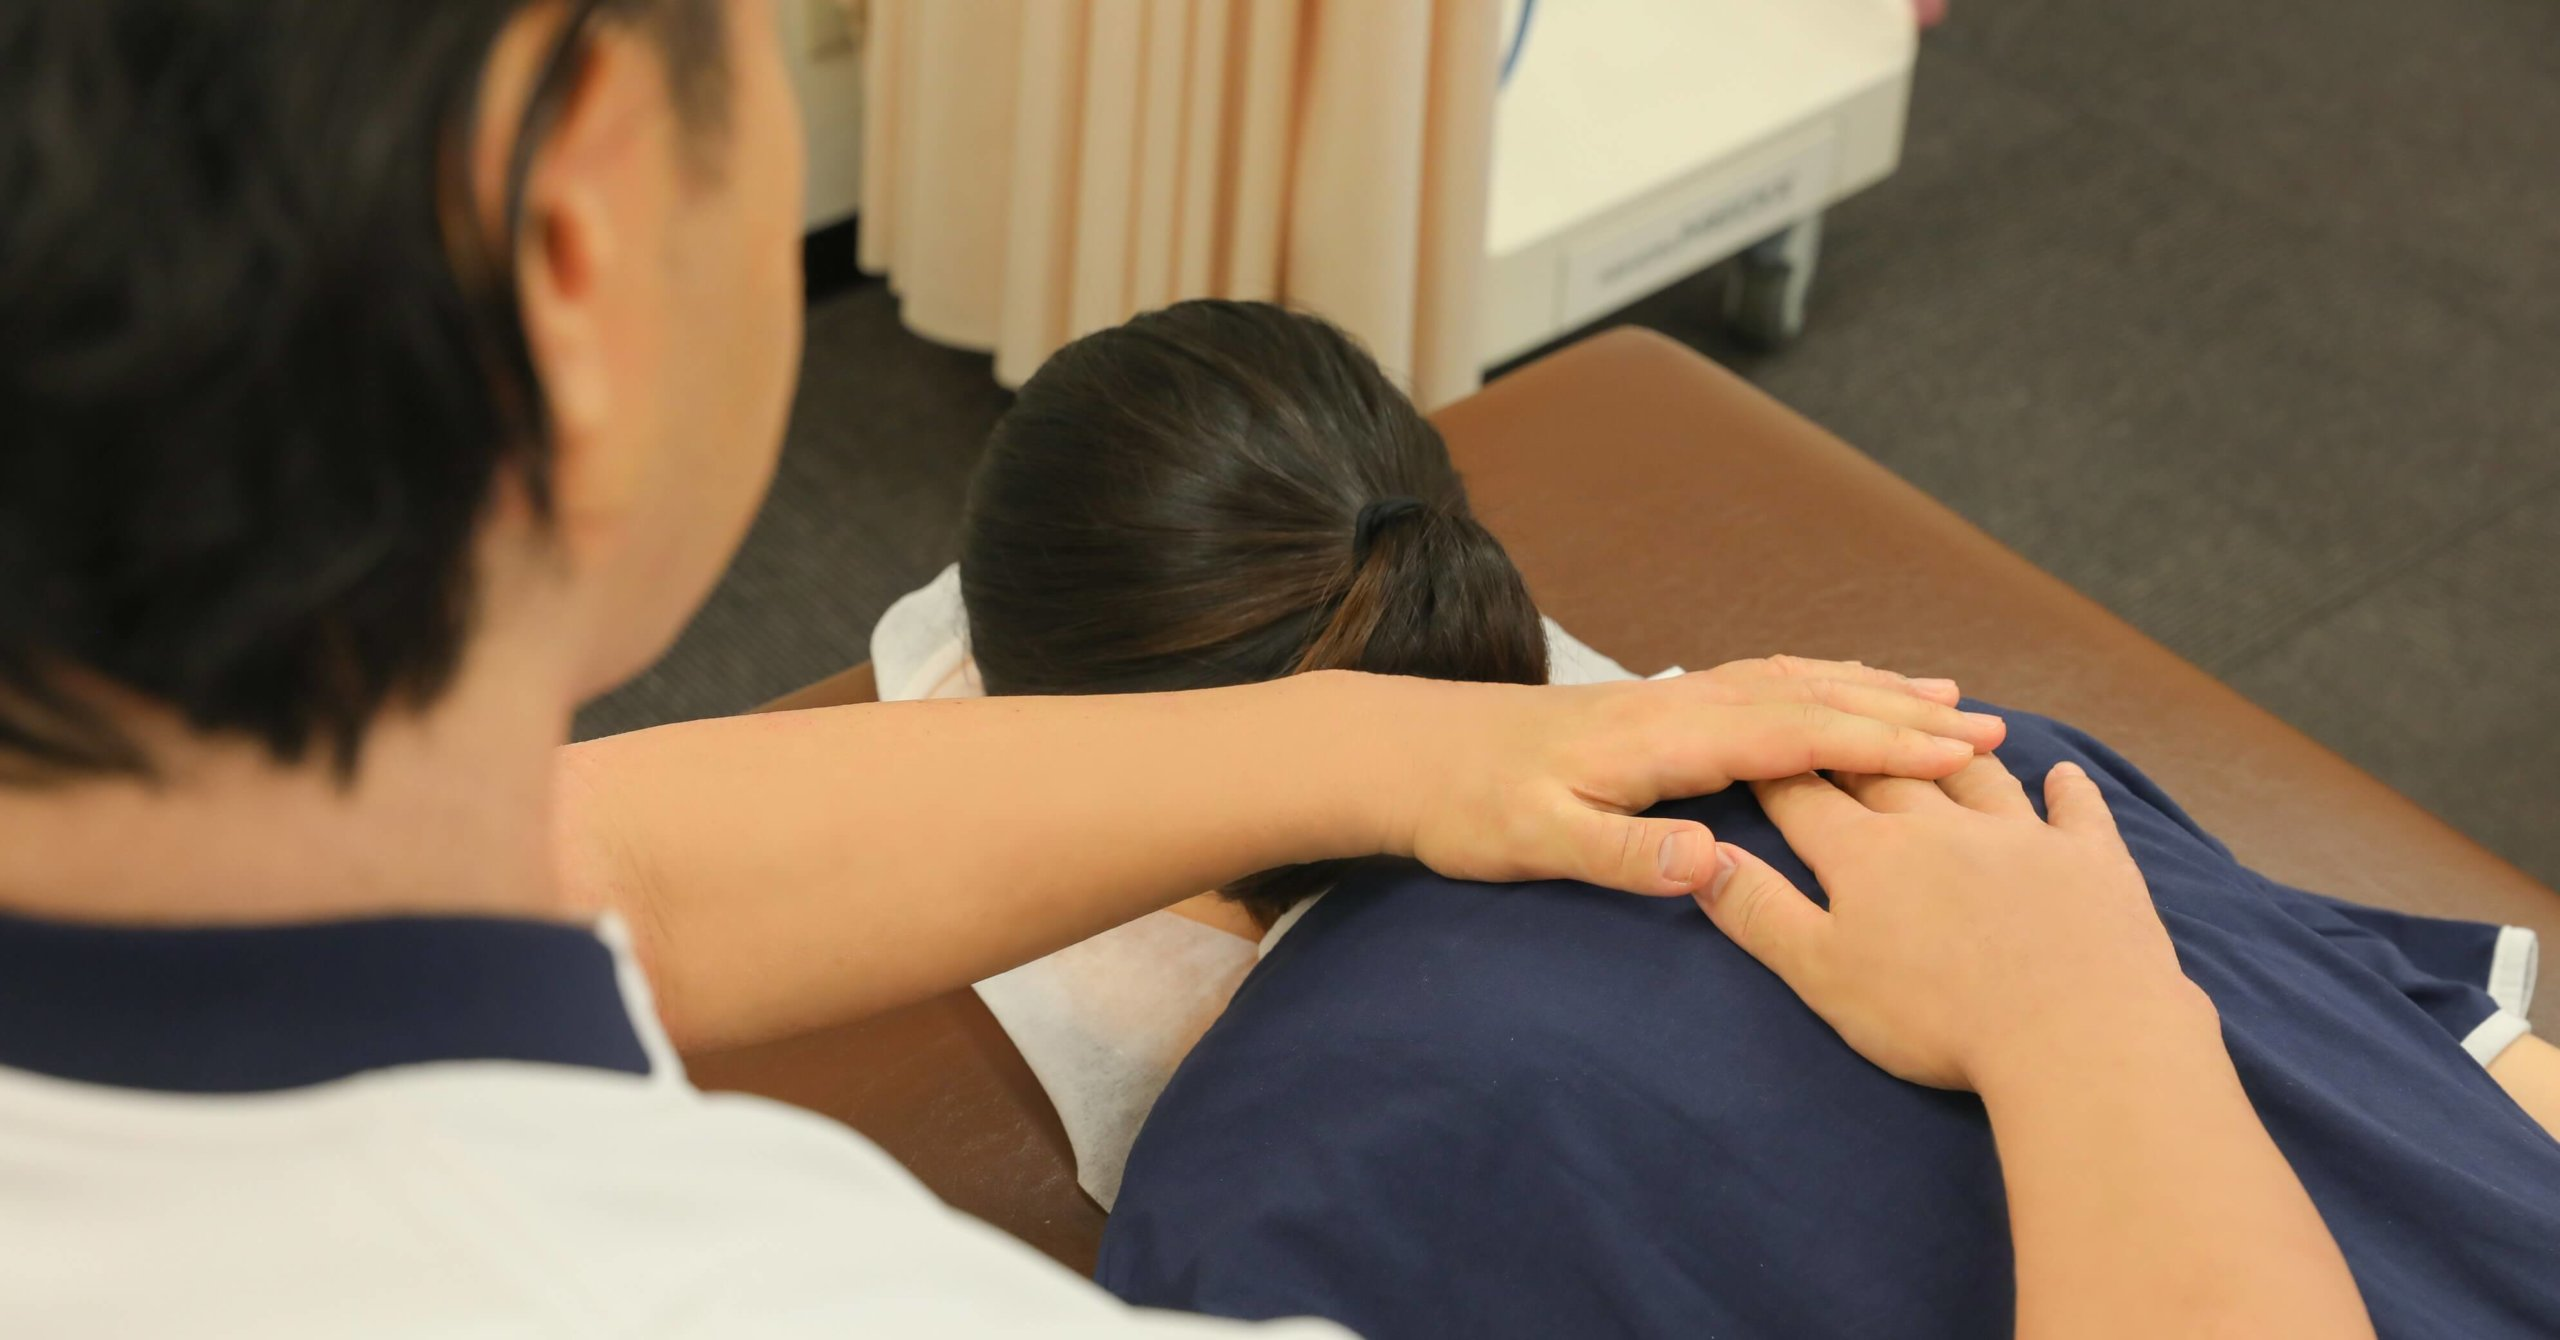 臨床延べ患者数10万人以上の施術実績で